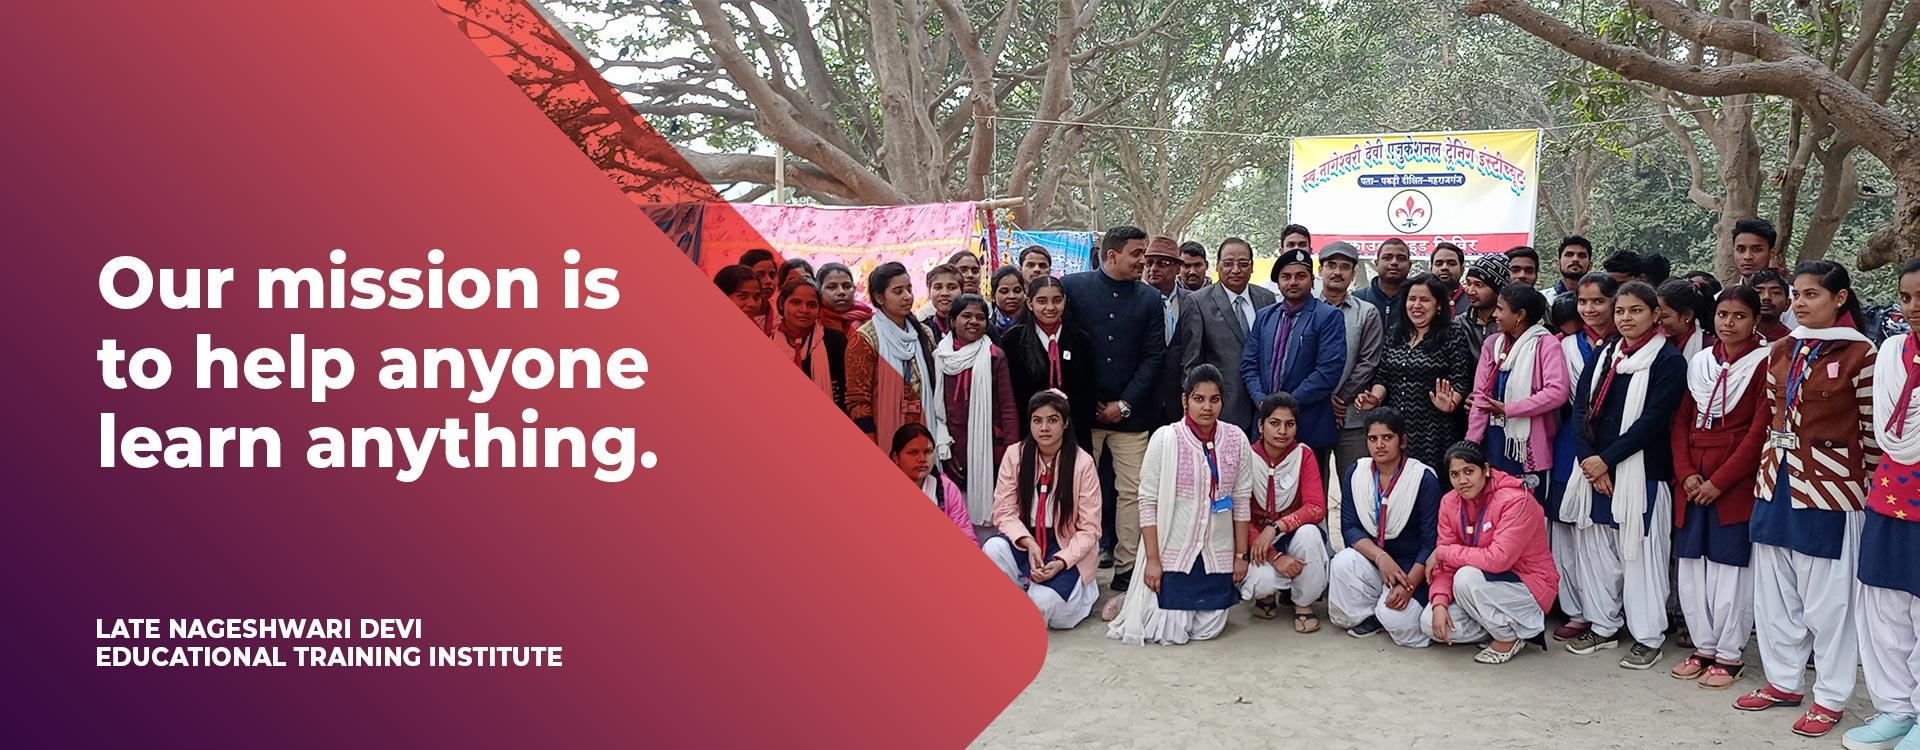 Late Nageshwari Devi Educational Training Institute